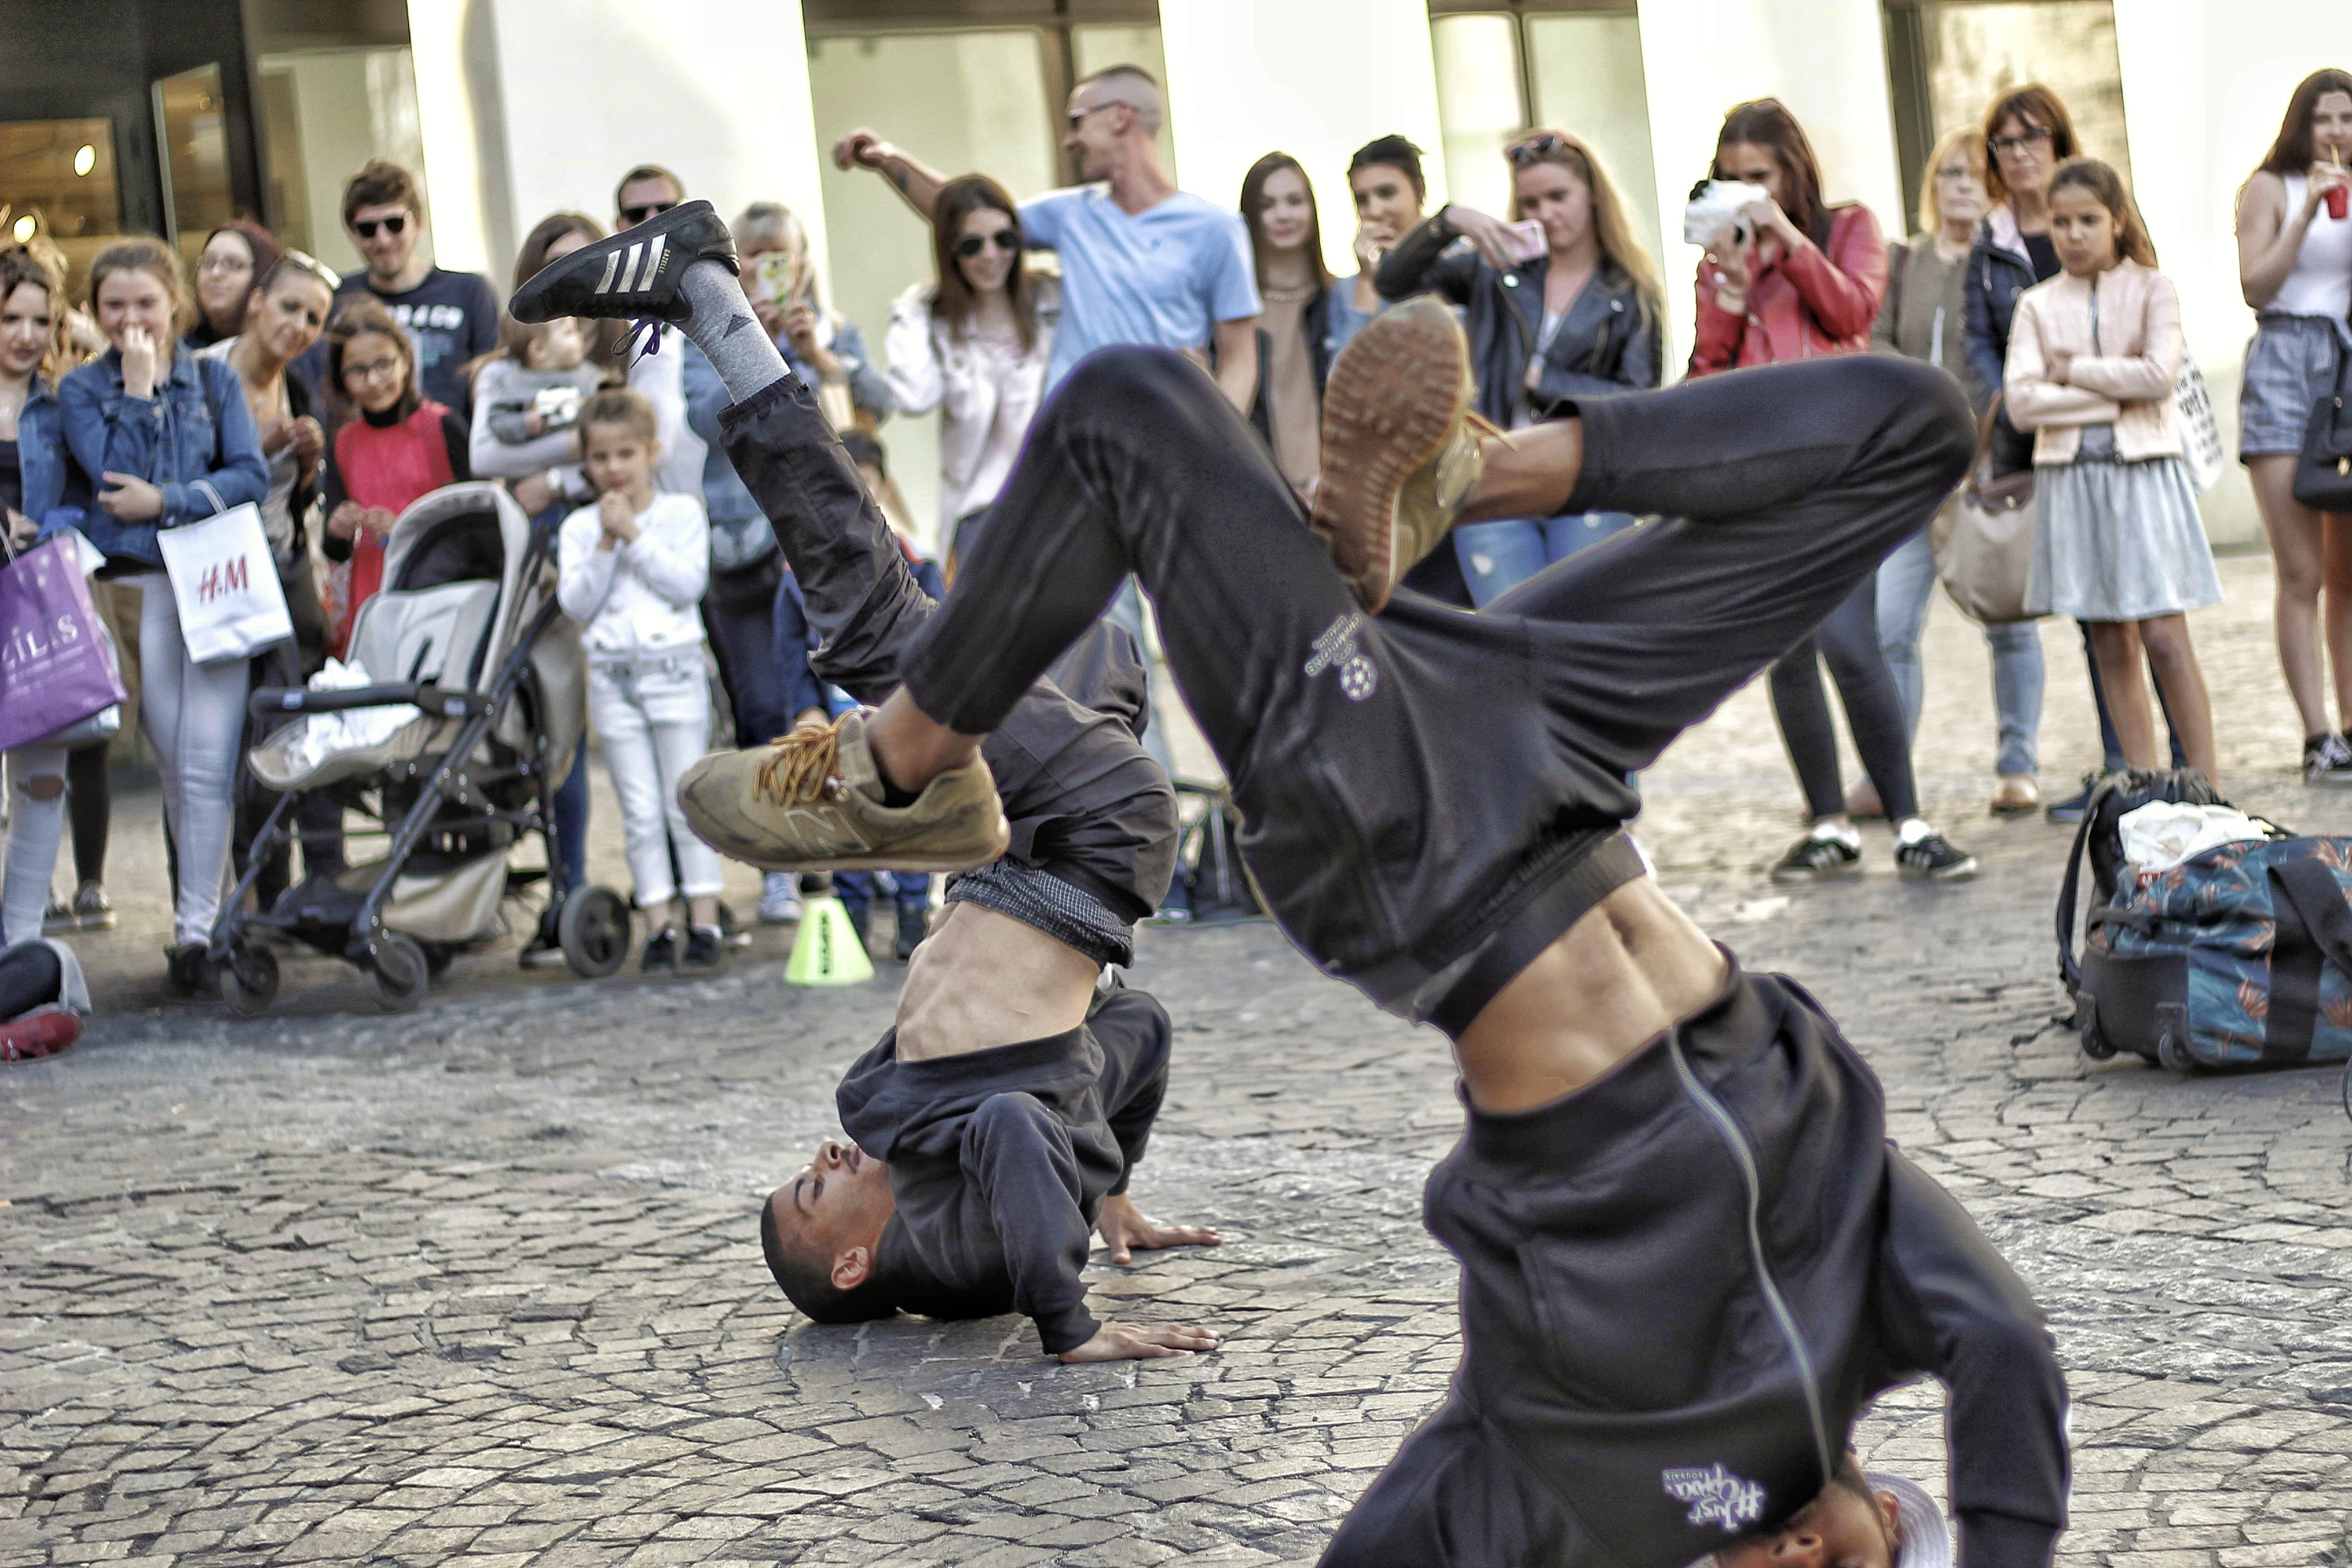 événementiel breakdance danseur professionnel Lille - Streetsmile